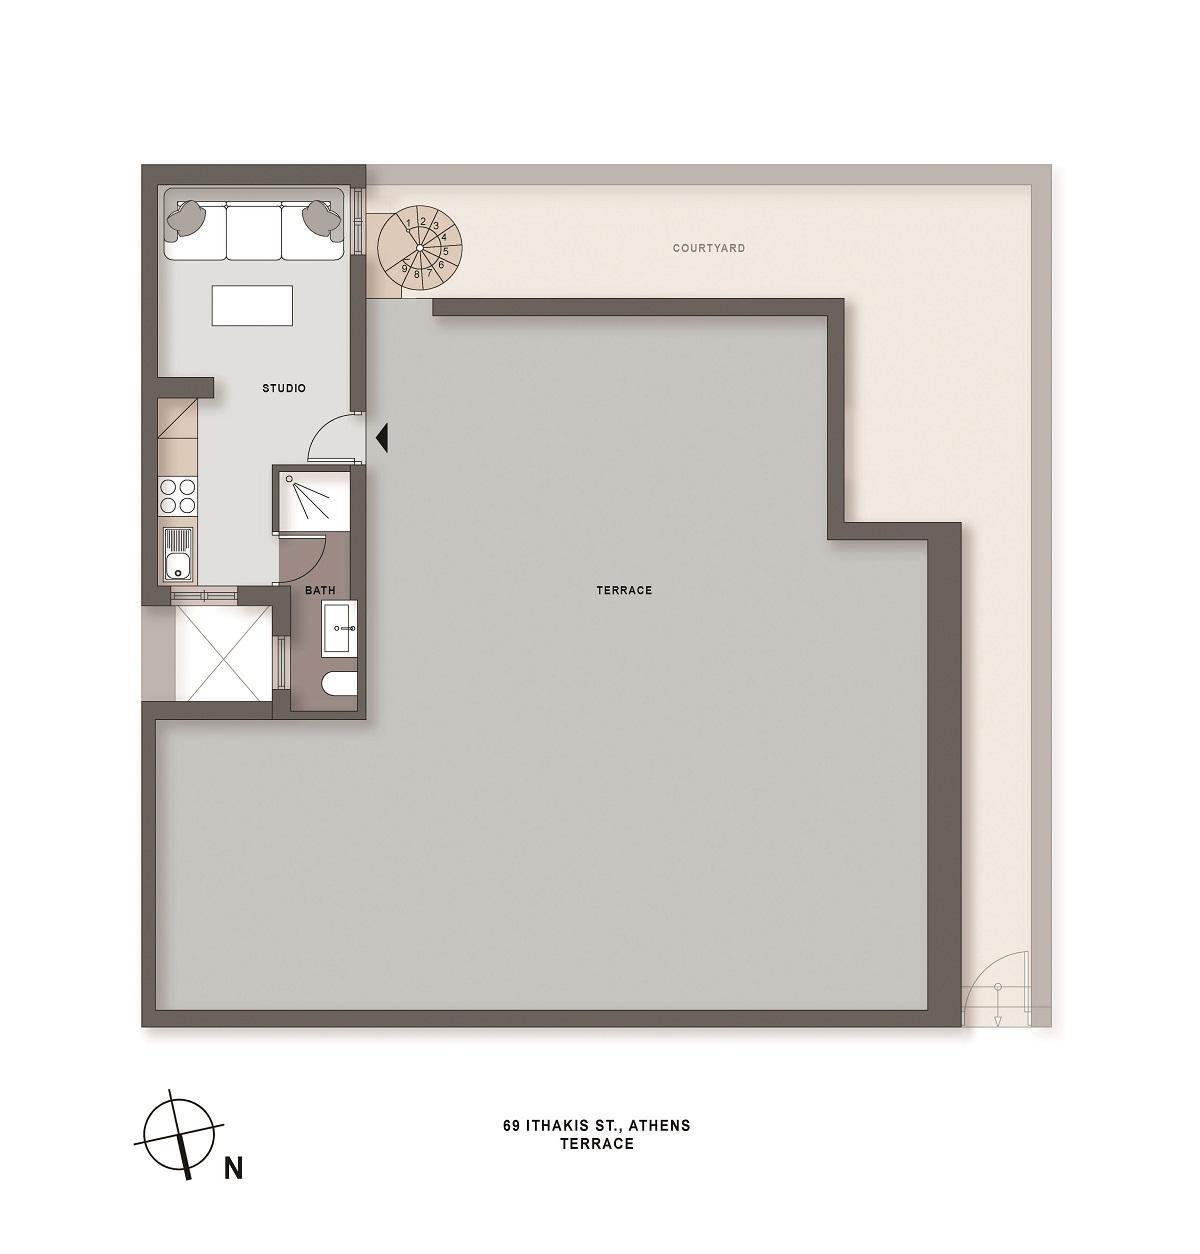 Ithakis 69 terrace plan